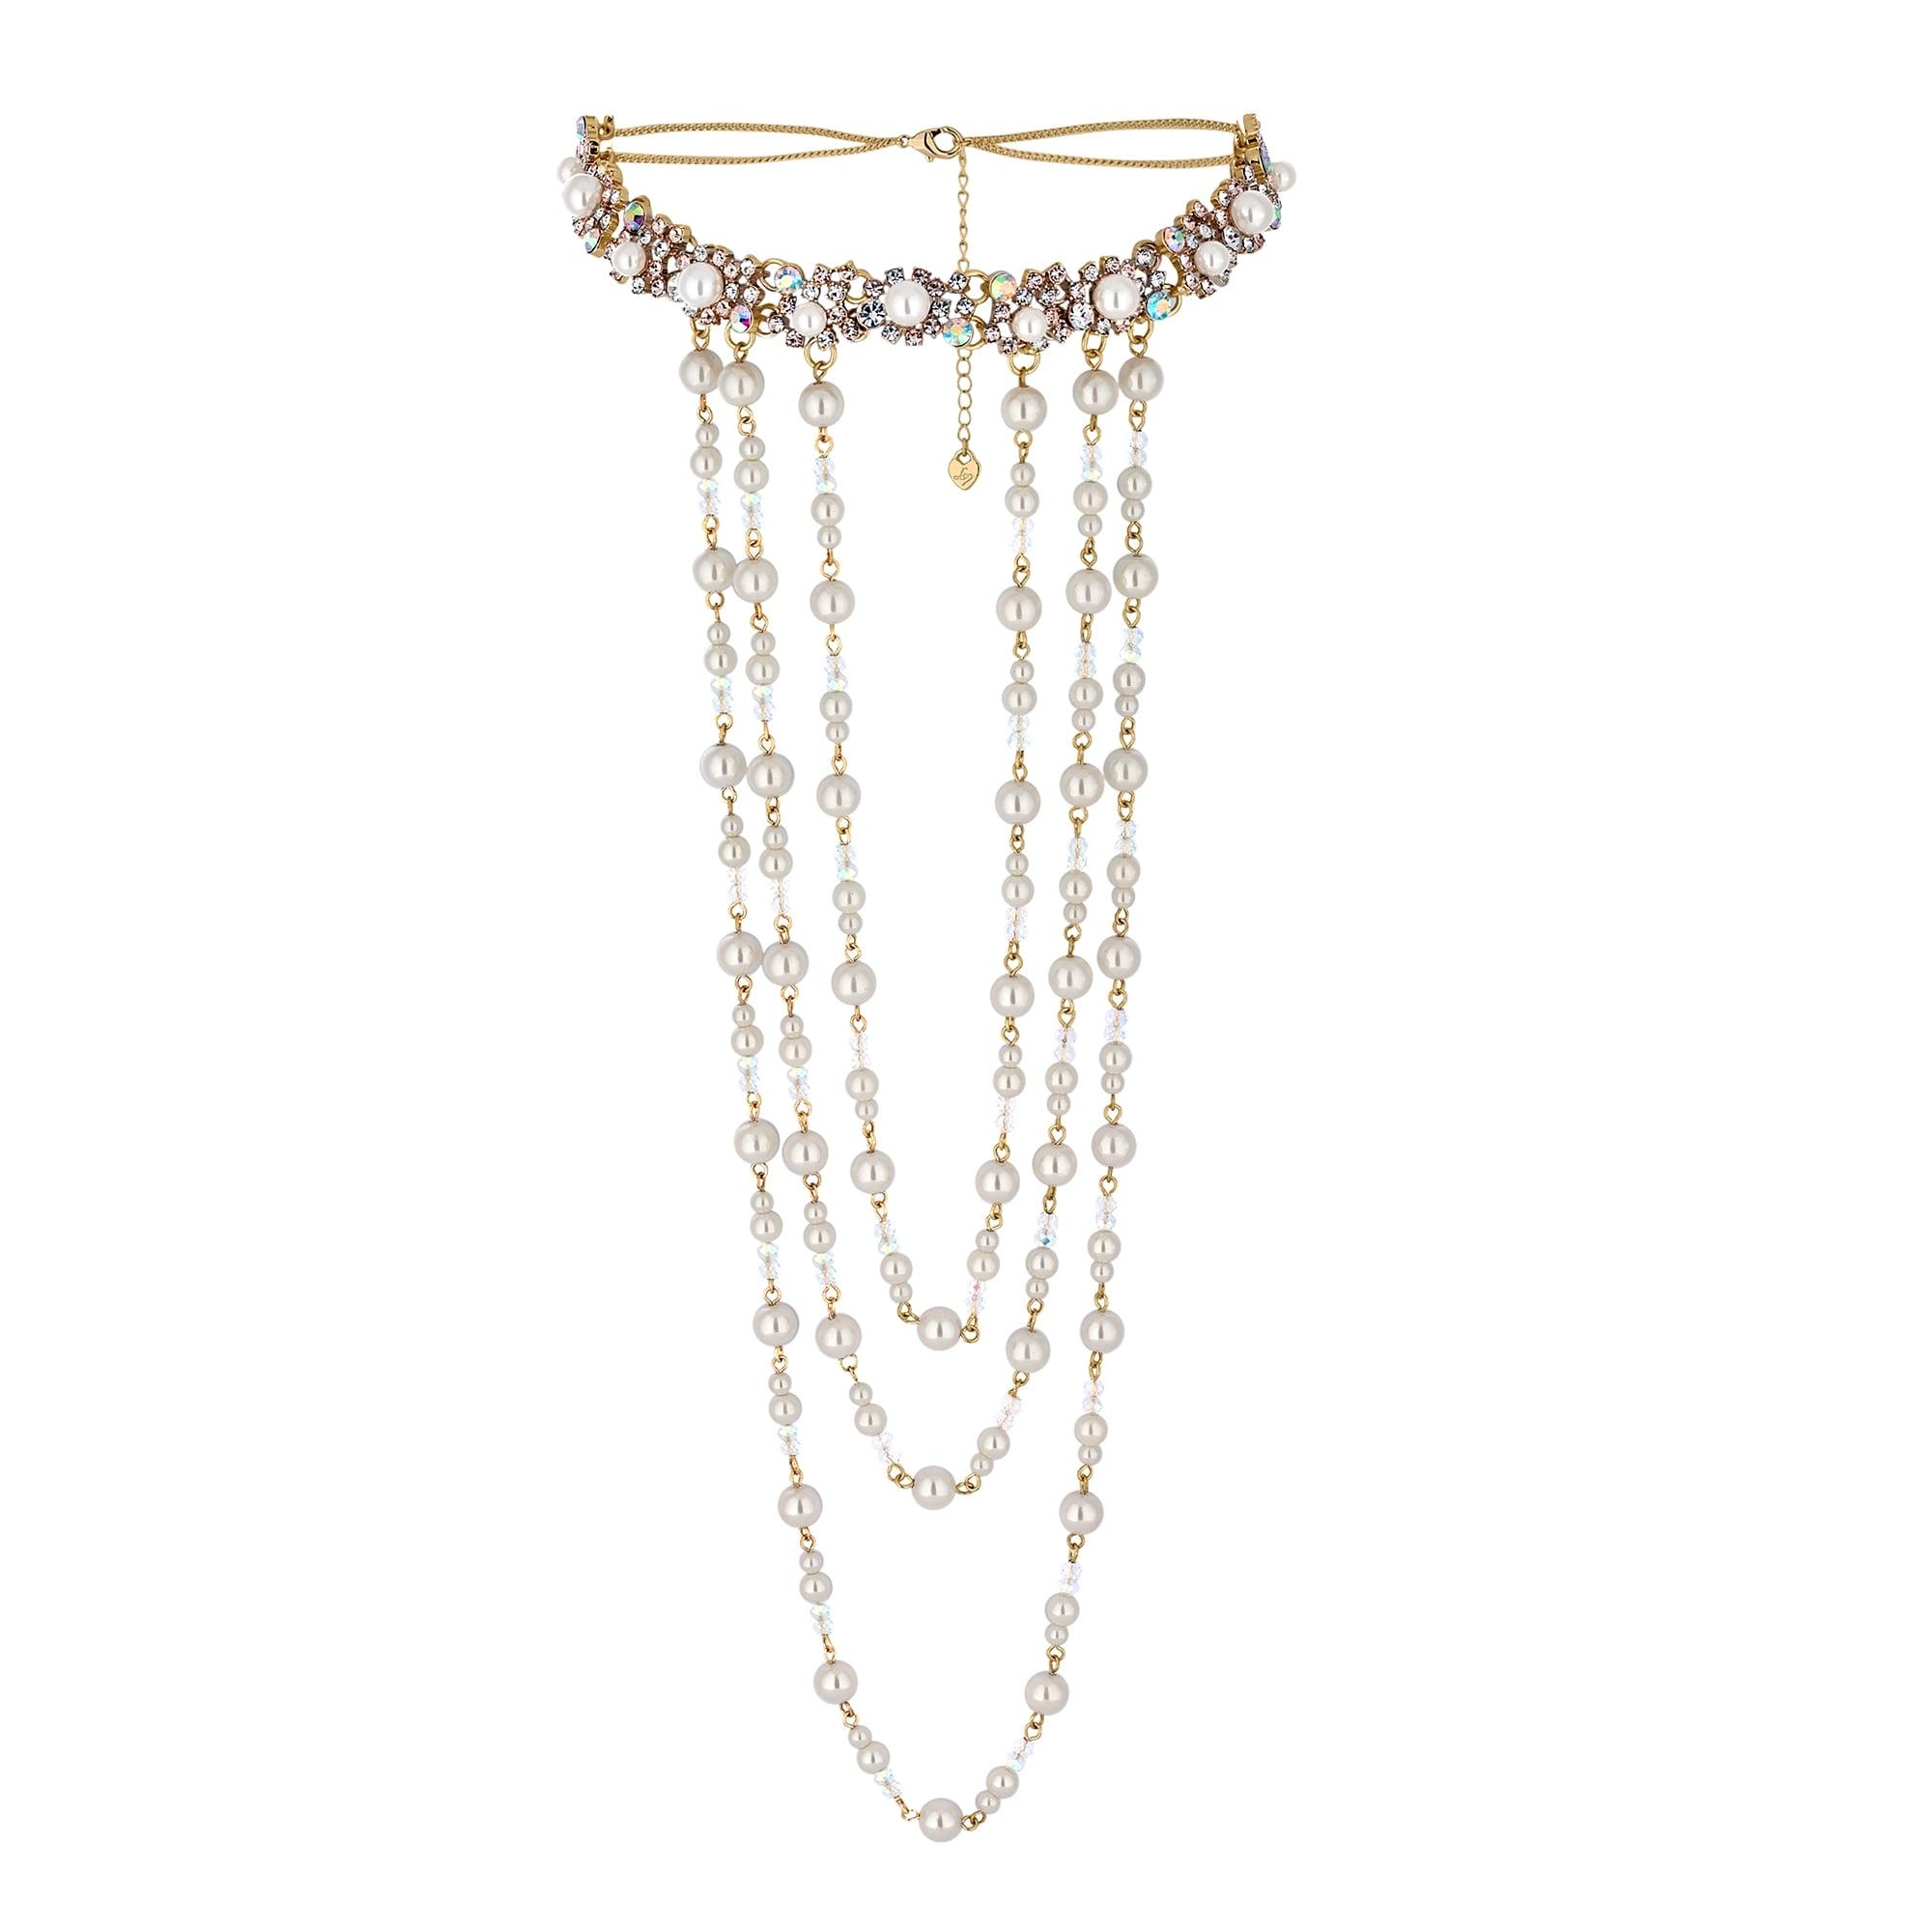 Lipsy Gold Pearl Statement Layered Choker Necklace